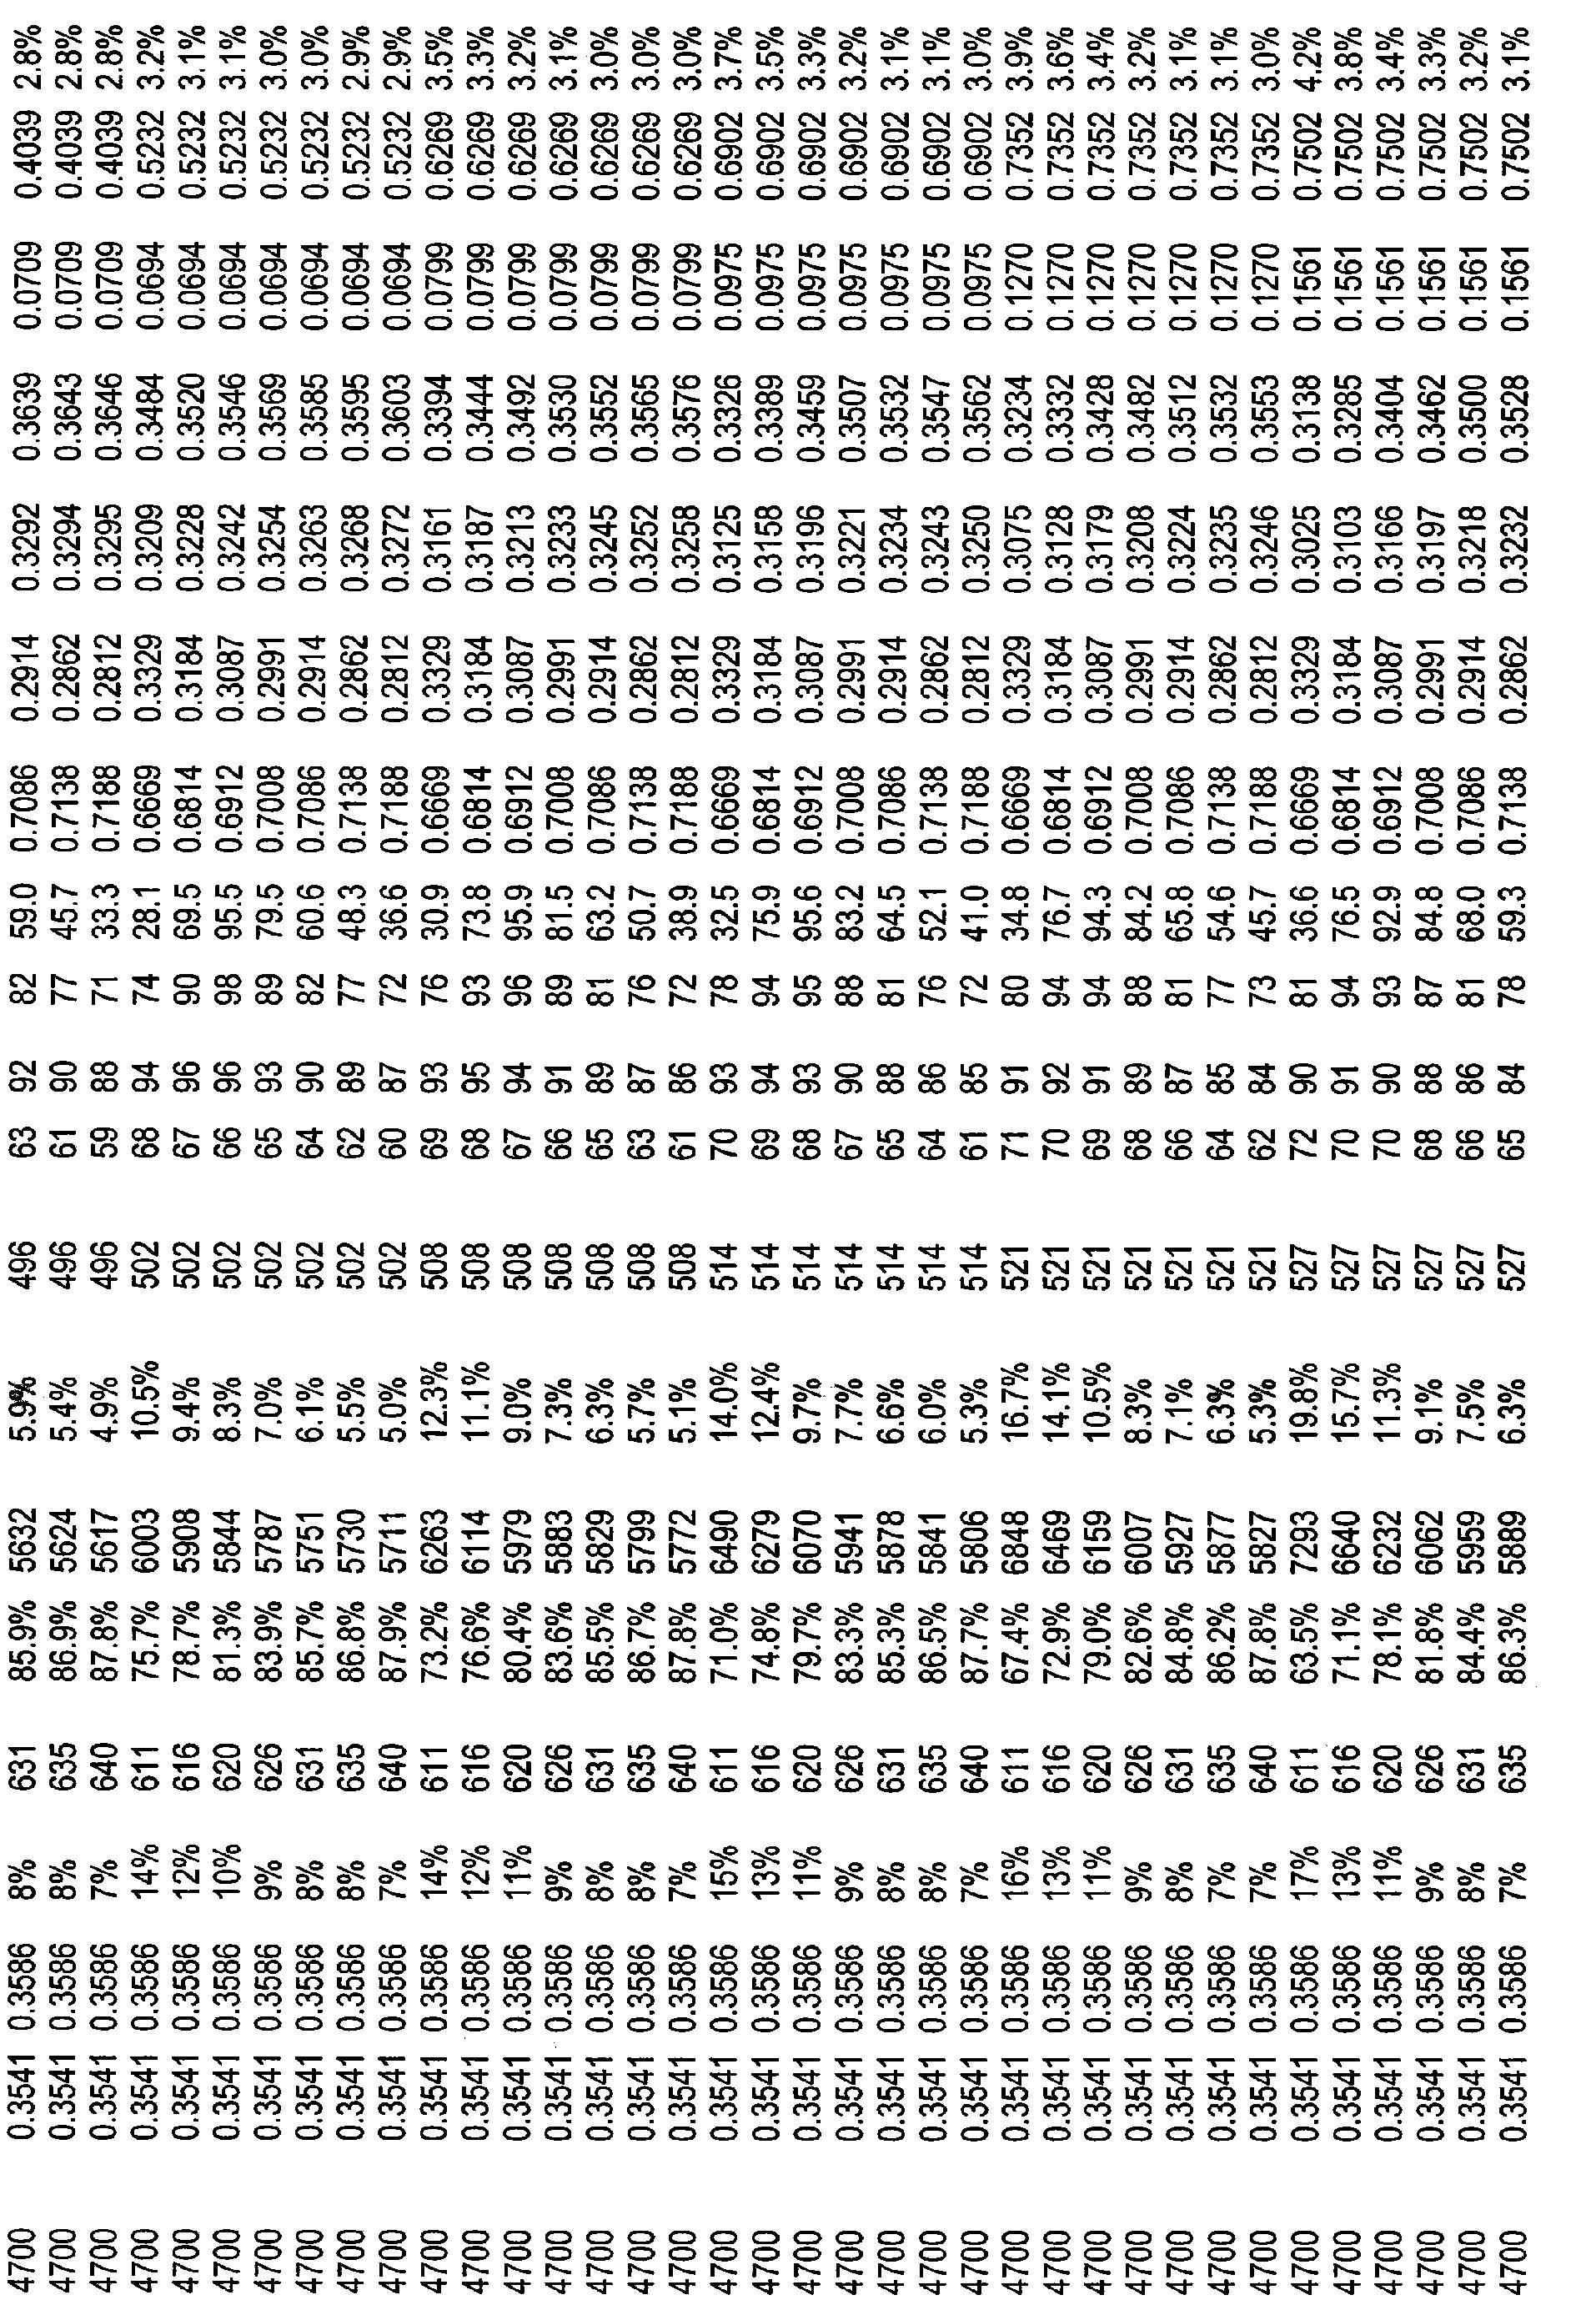 Figure CN101821544BD00731